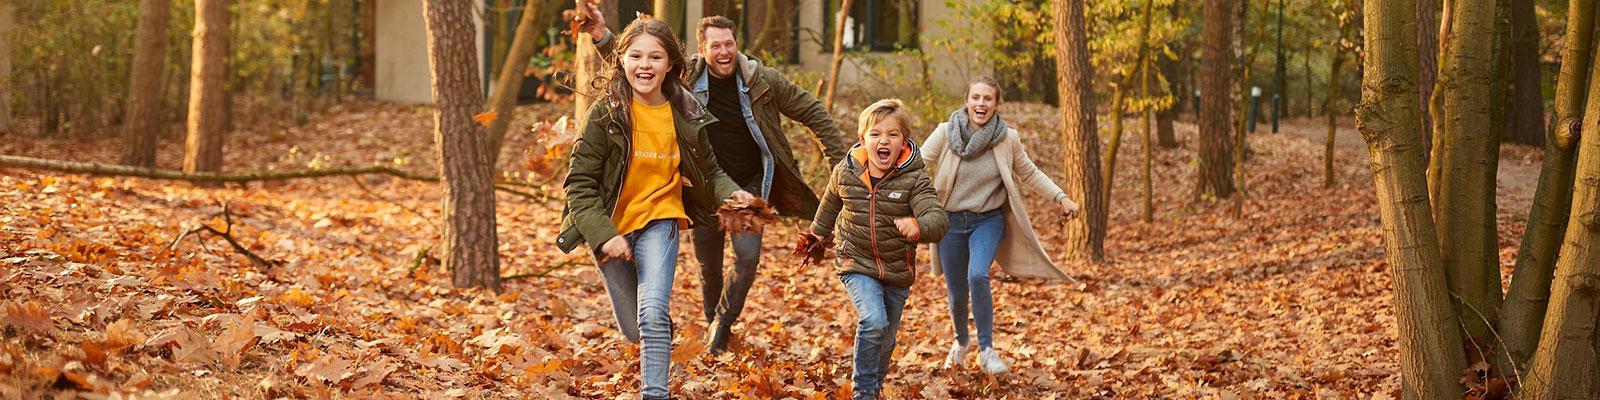 Ferienpark Limburg Niederlande